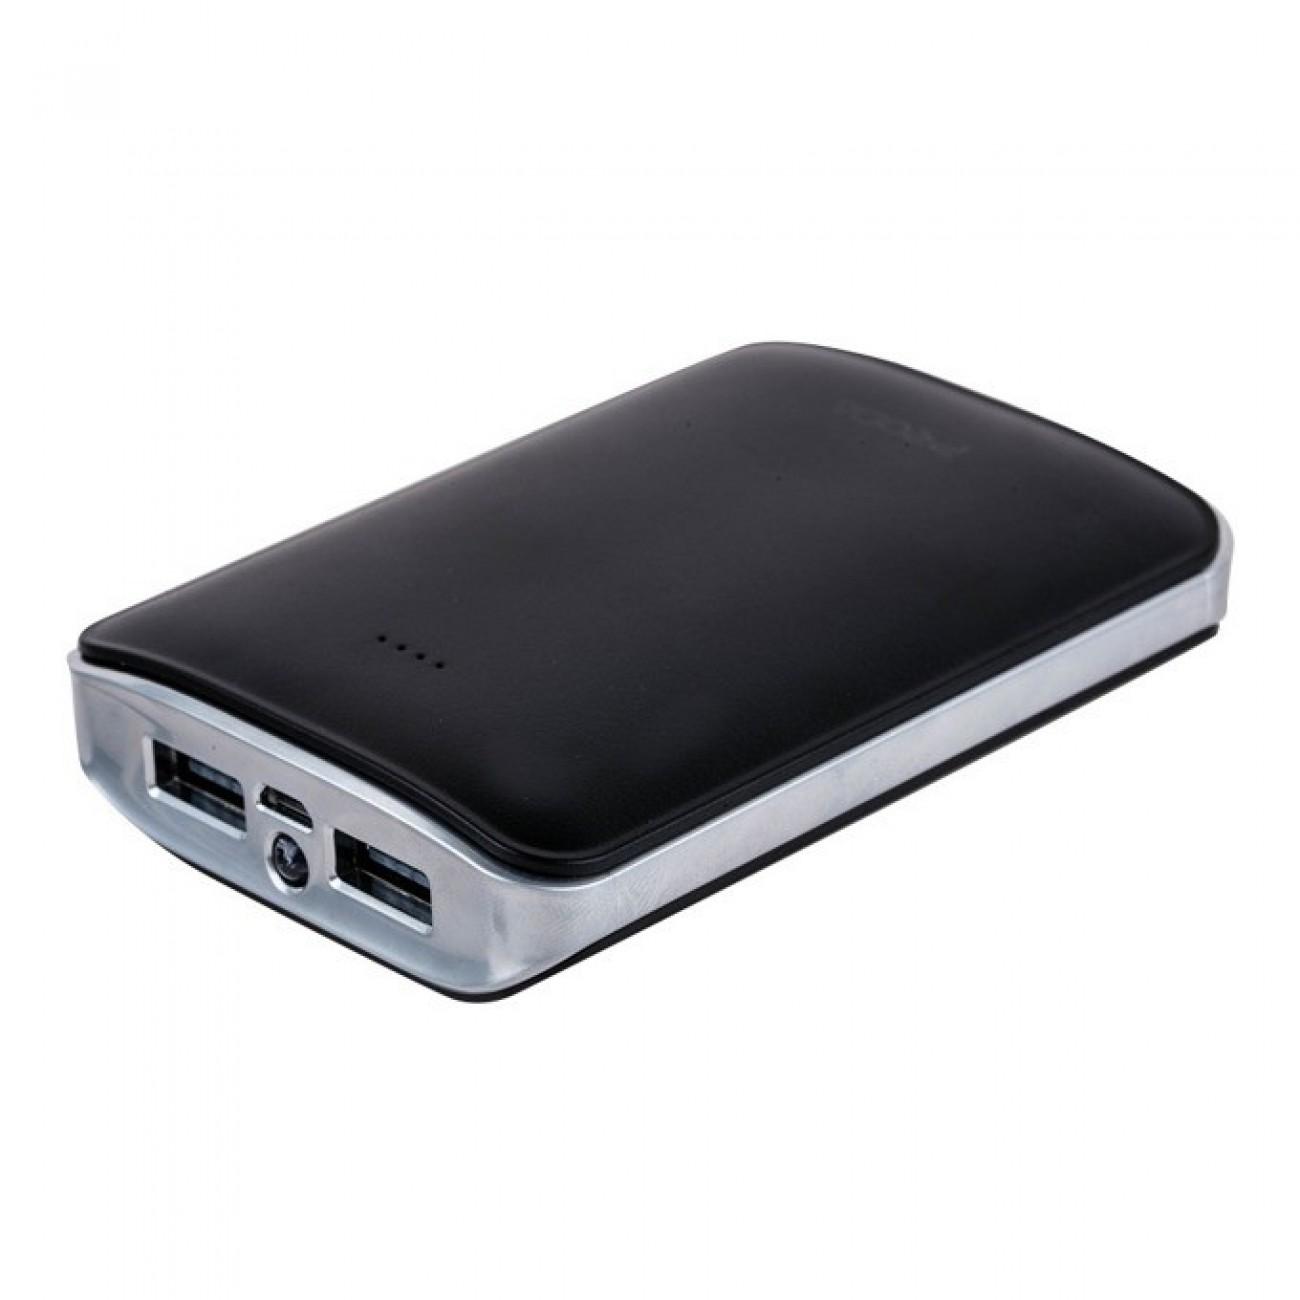 Външна батерия/power bank/ Remax, 10000mAh, черна в Външни батерии -  | Alleop